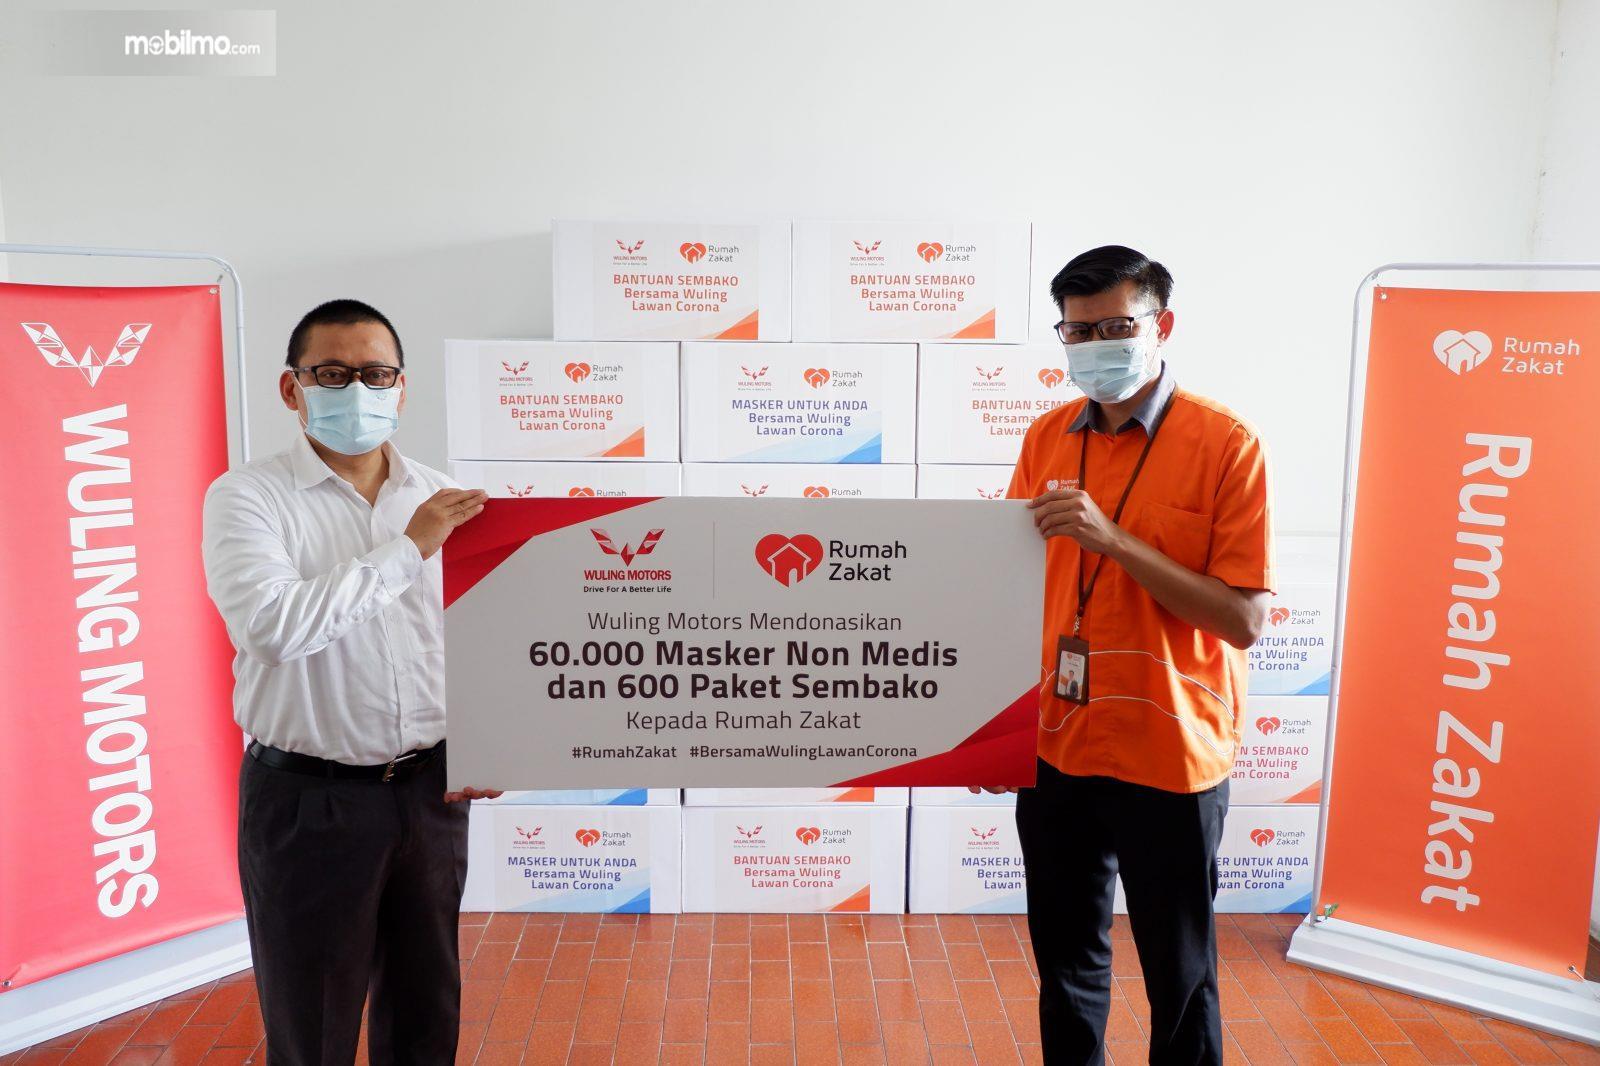 Foto penyerahan Bantuan pake sembako dan masker dari Wuling kepada Rumah Zakat